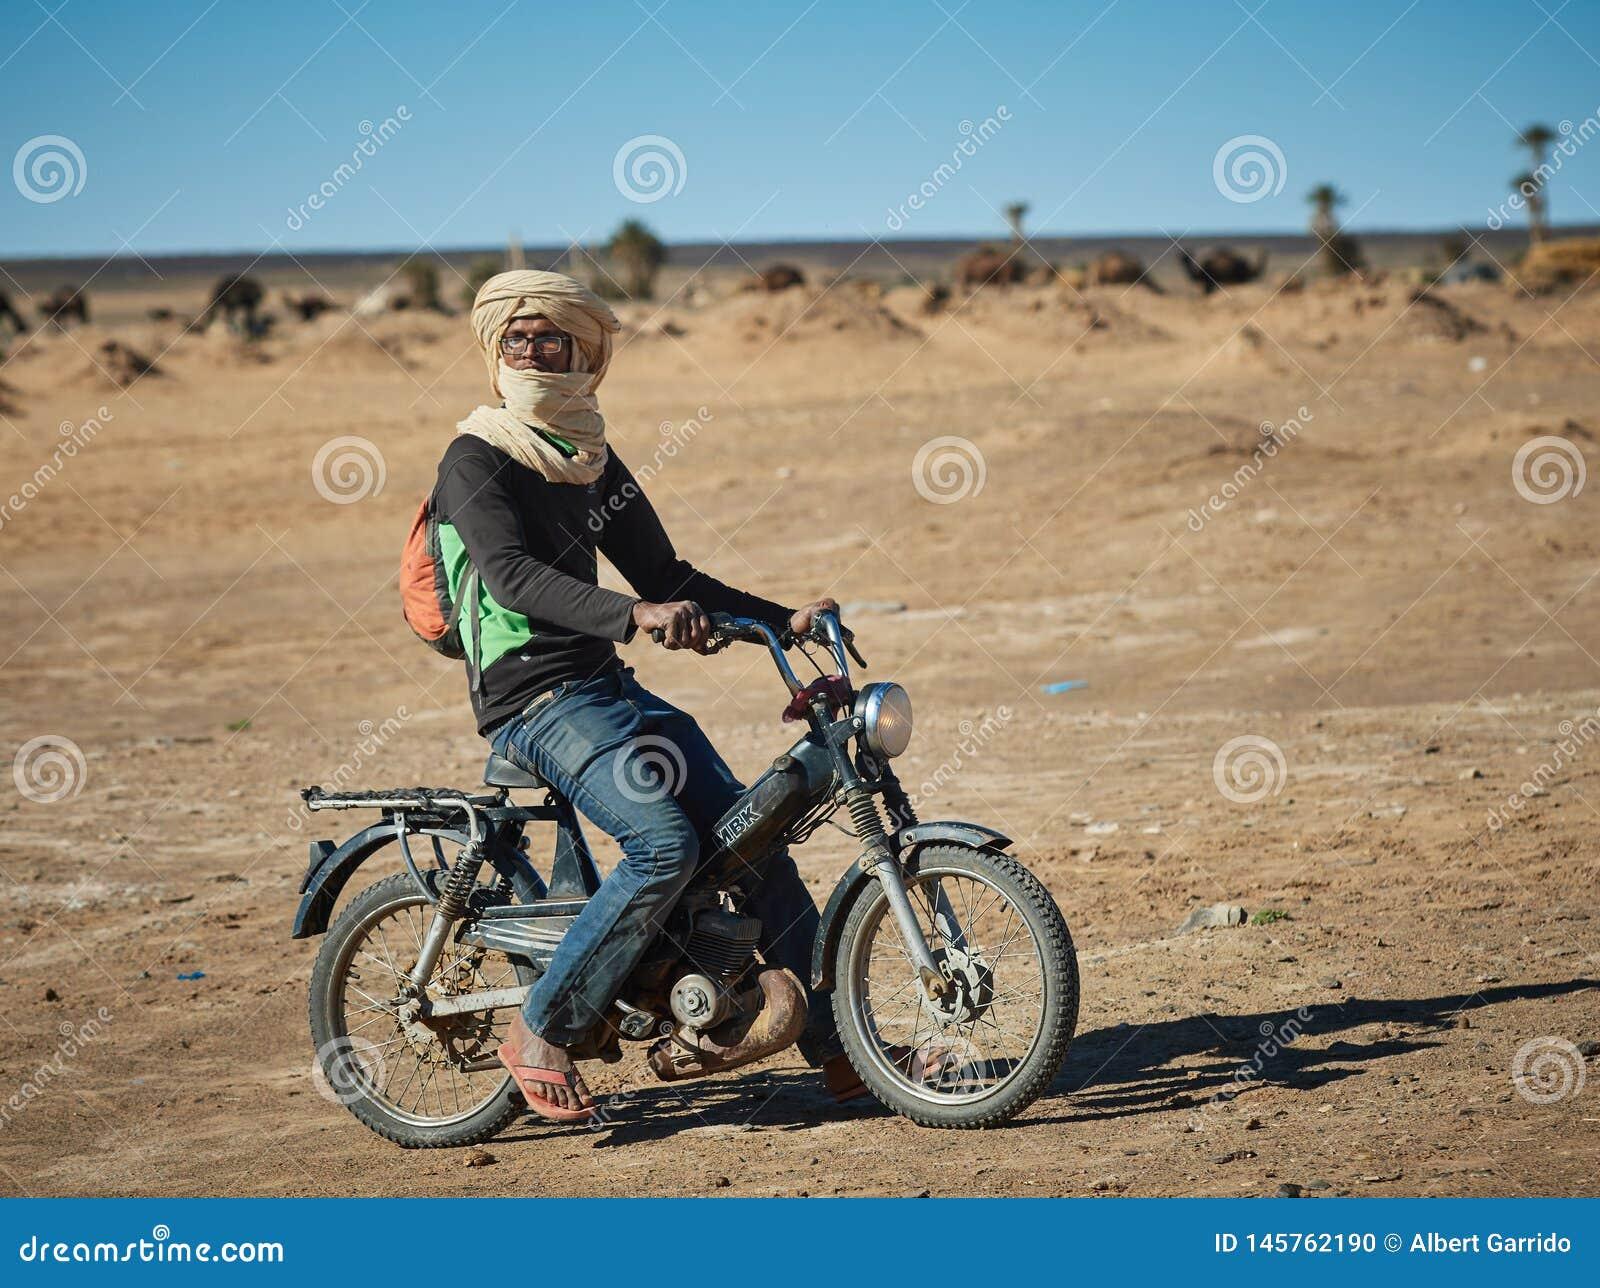 Merzouga, Maroc - 4 décembre 2018 : Berber sur une moto, au milieu du désert